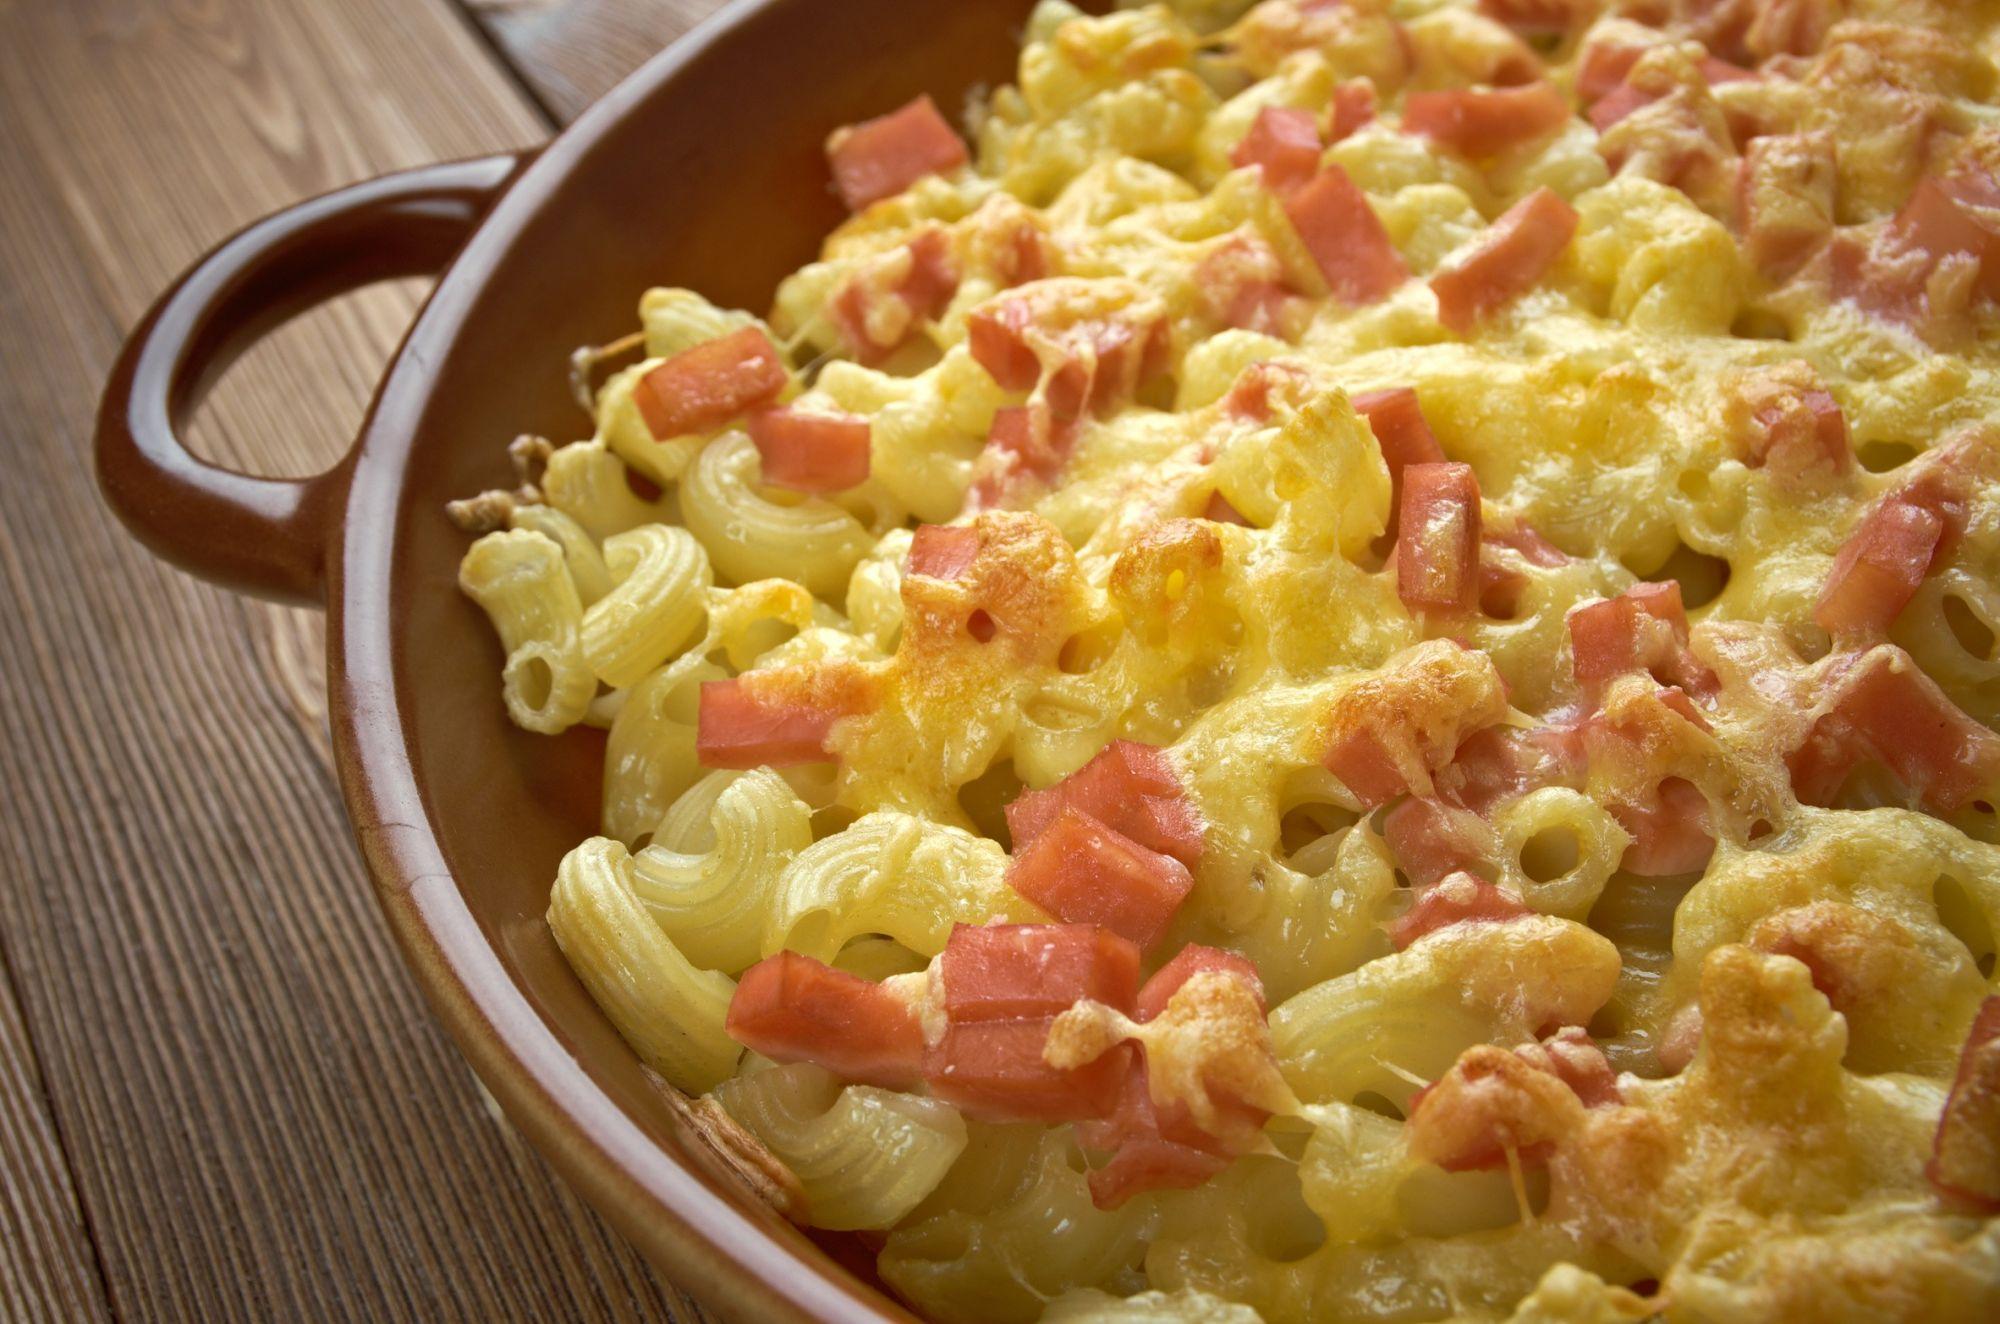 Schnelle Leichte Mediterrane Küche | Maishähnchenbrust Mit ...